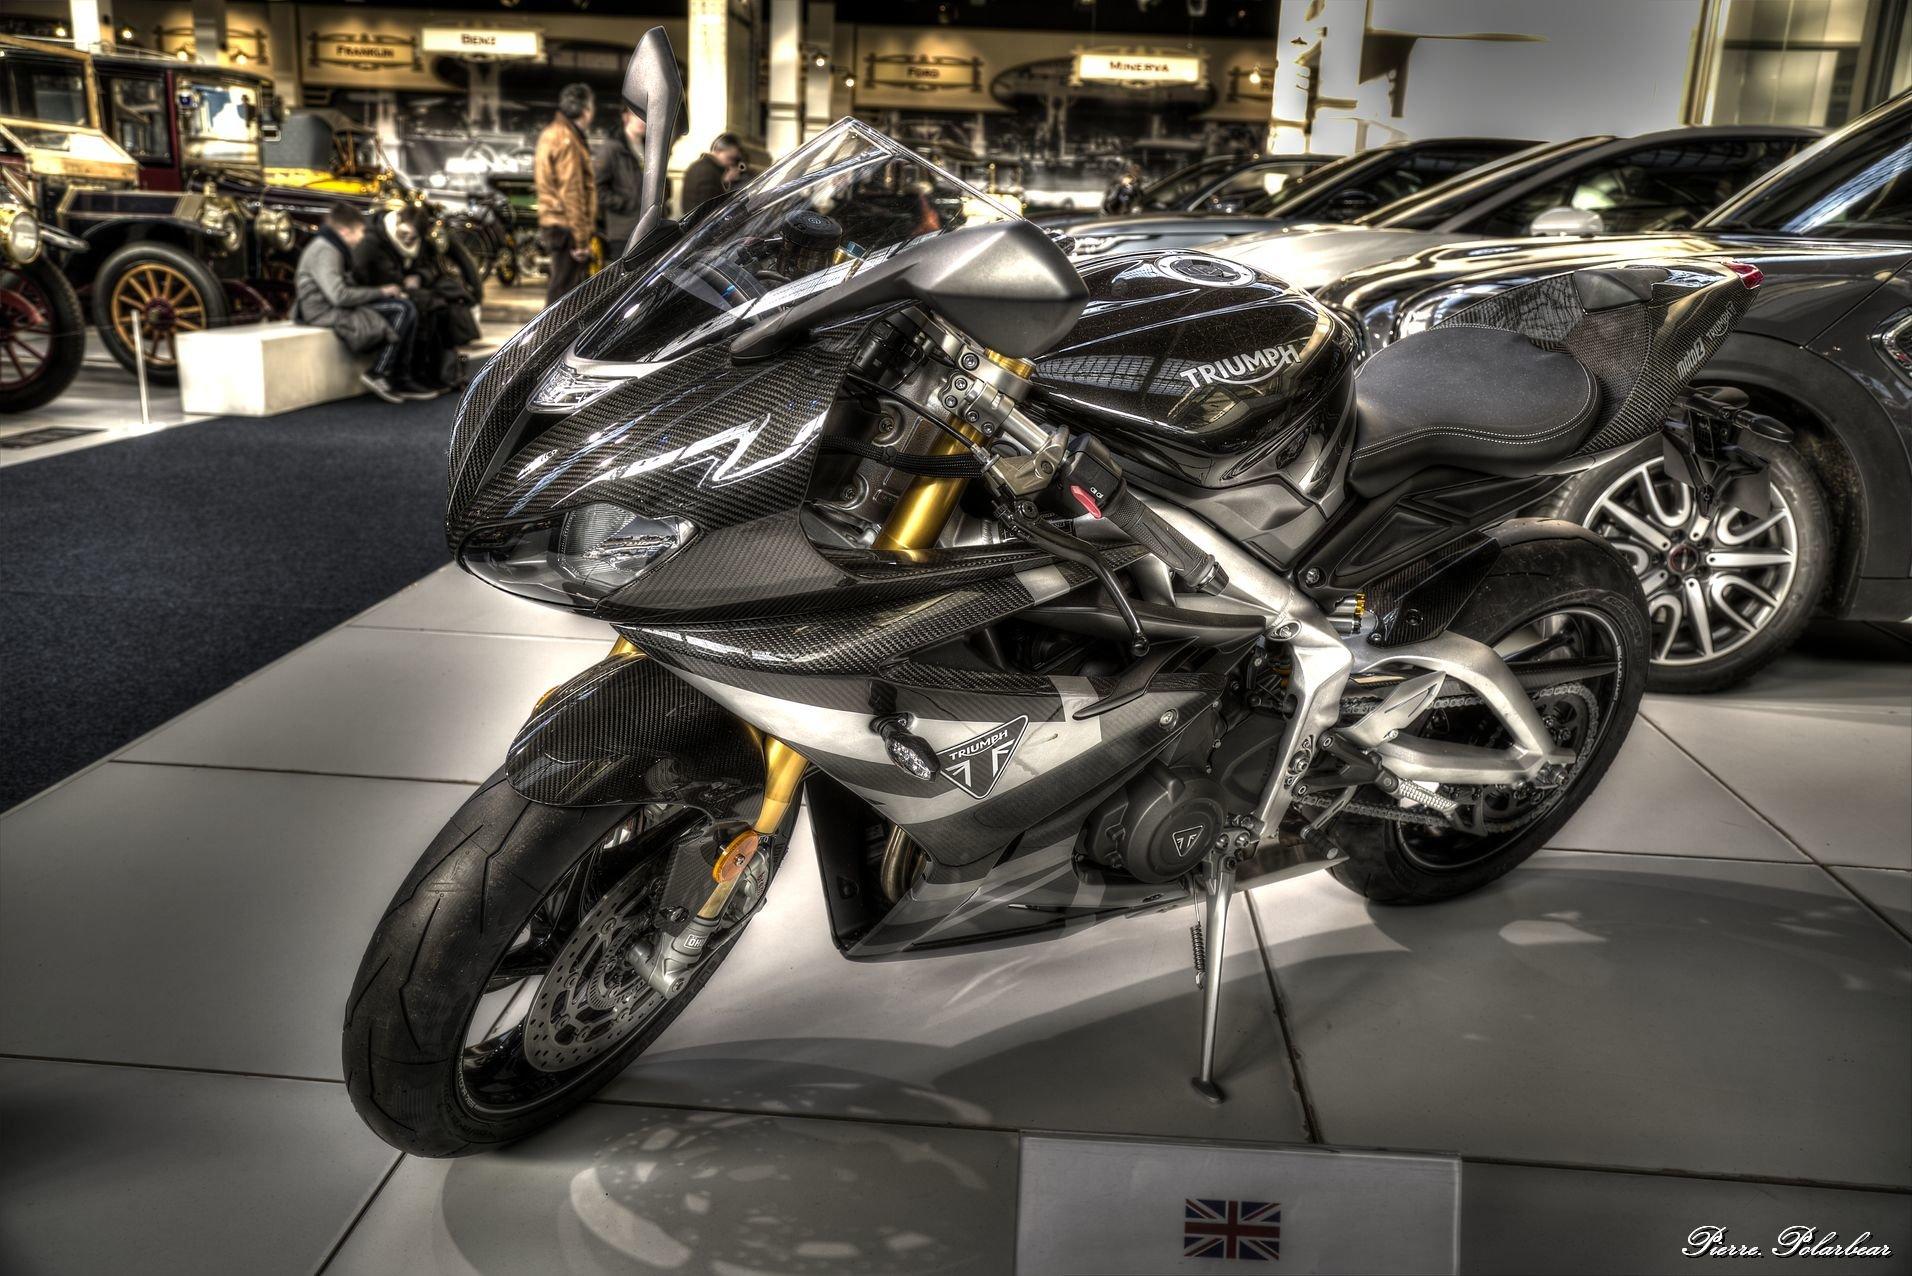 2020-Triumph-Daytona-765-Moto2-LE-01